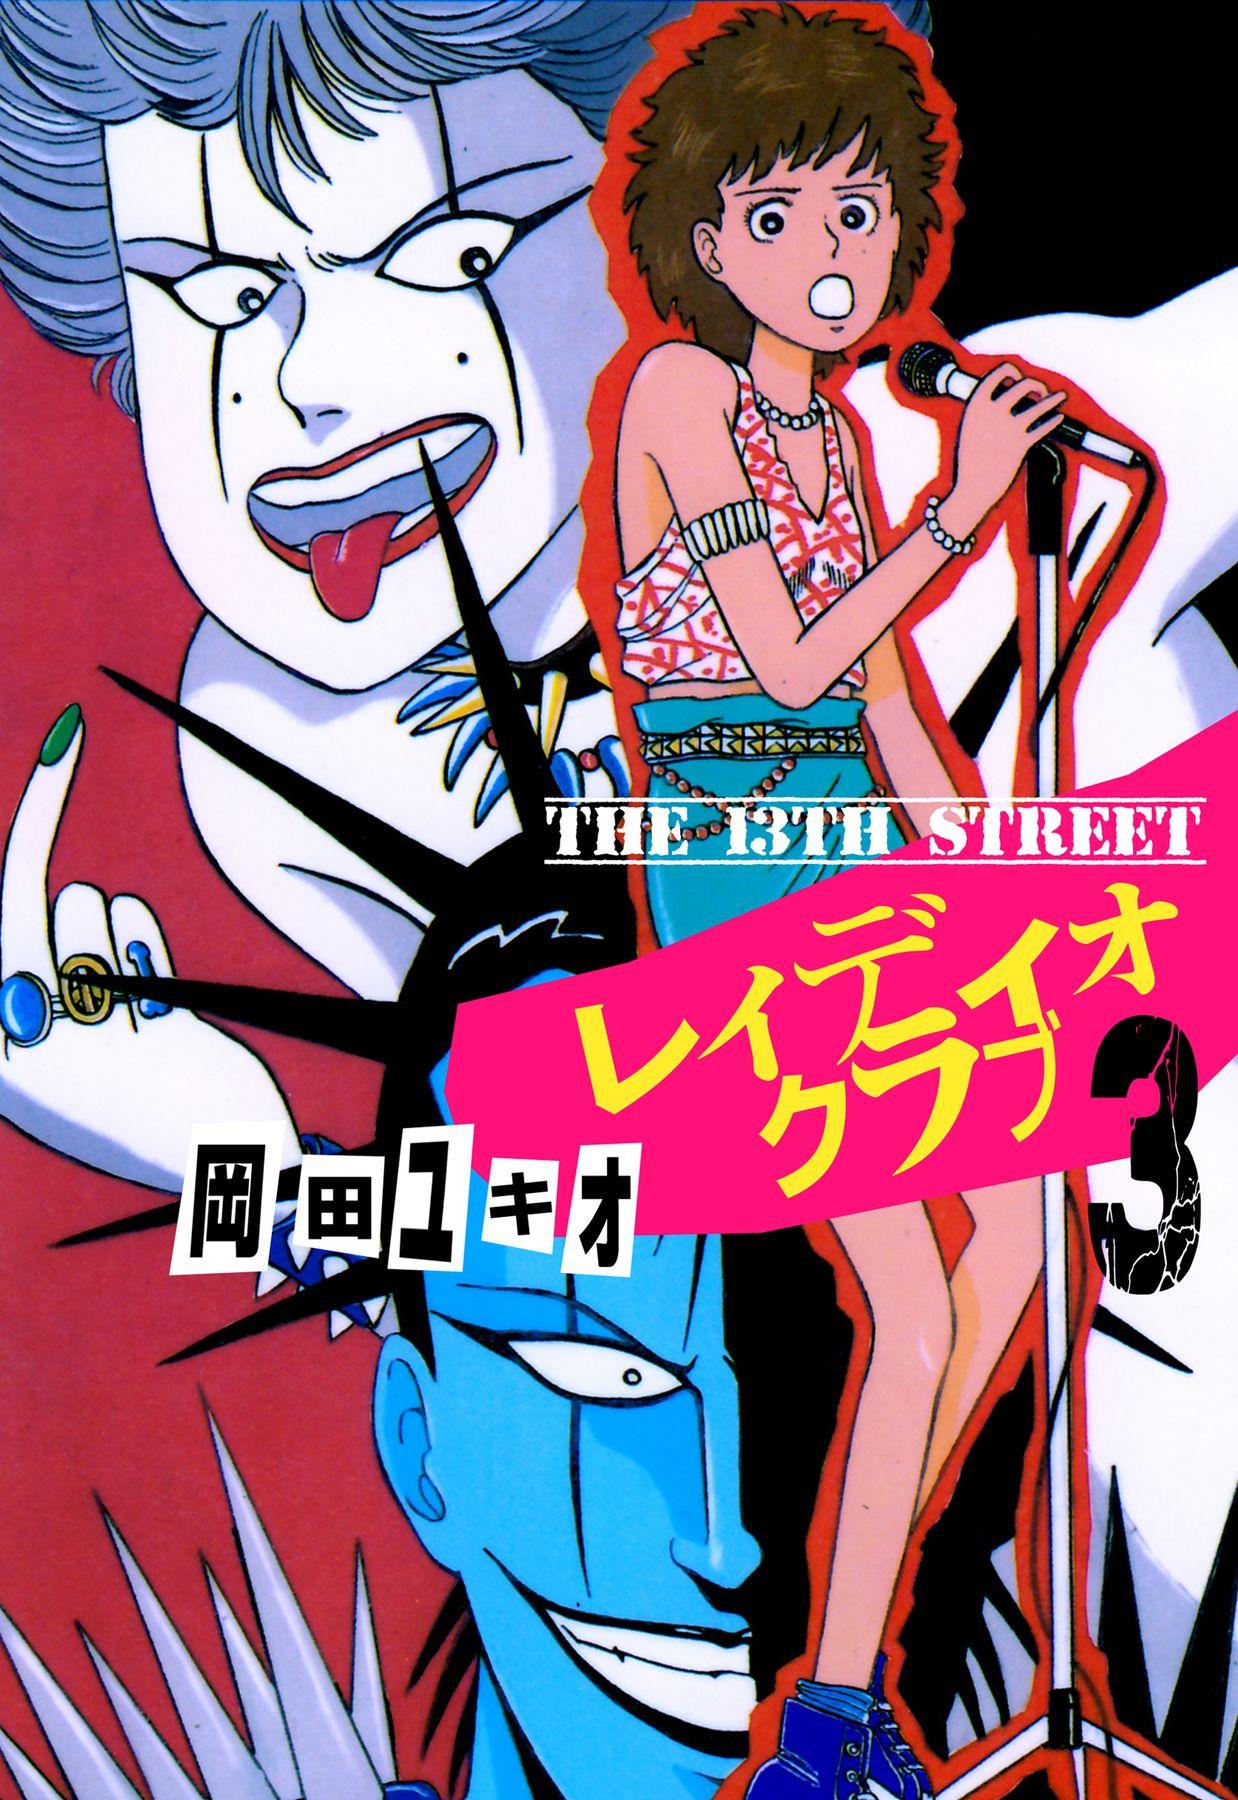 THE 13TH STREET レィディオクラブ(第3巻)